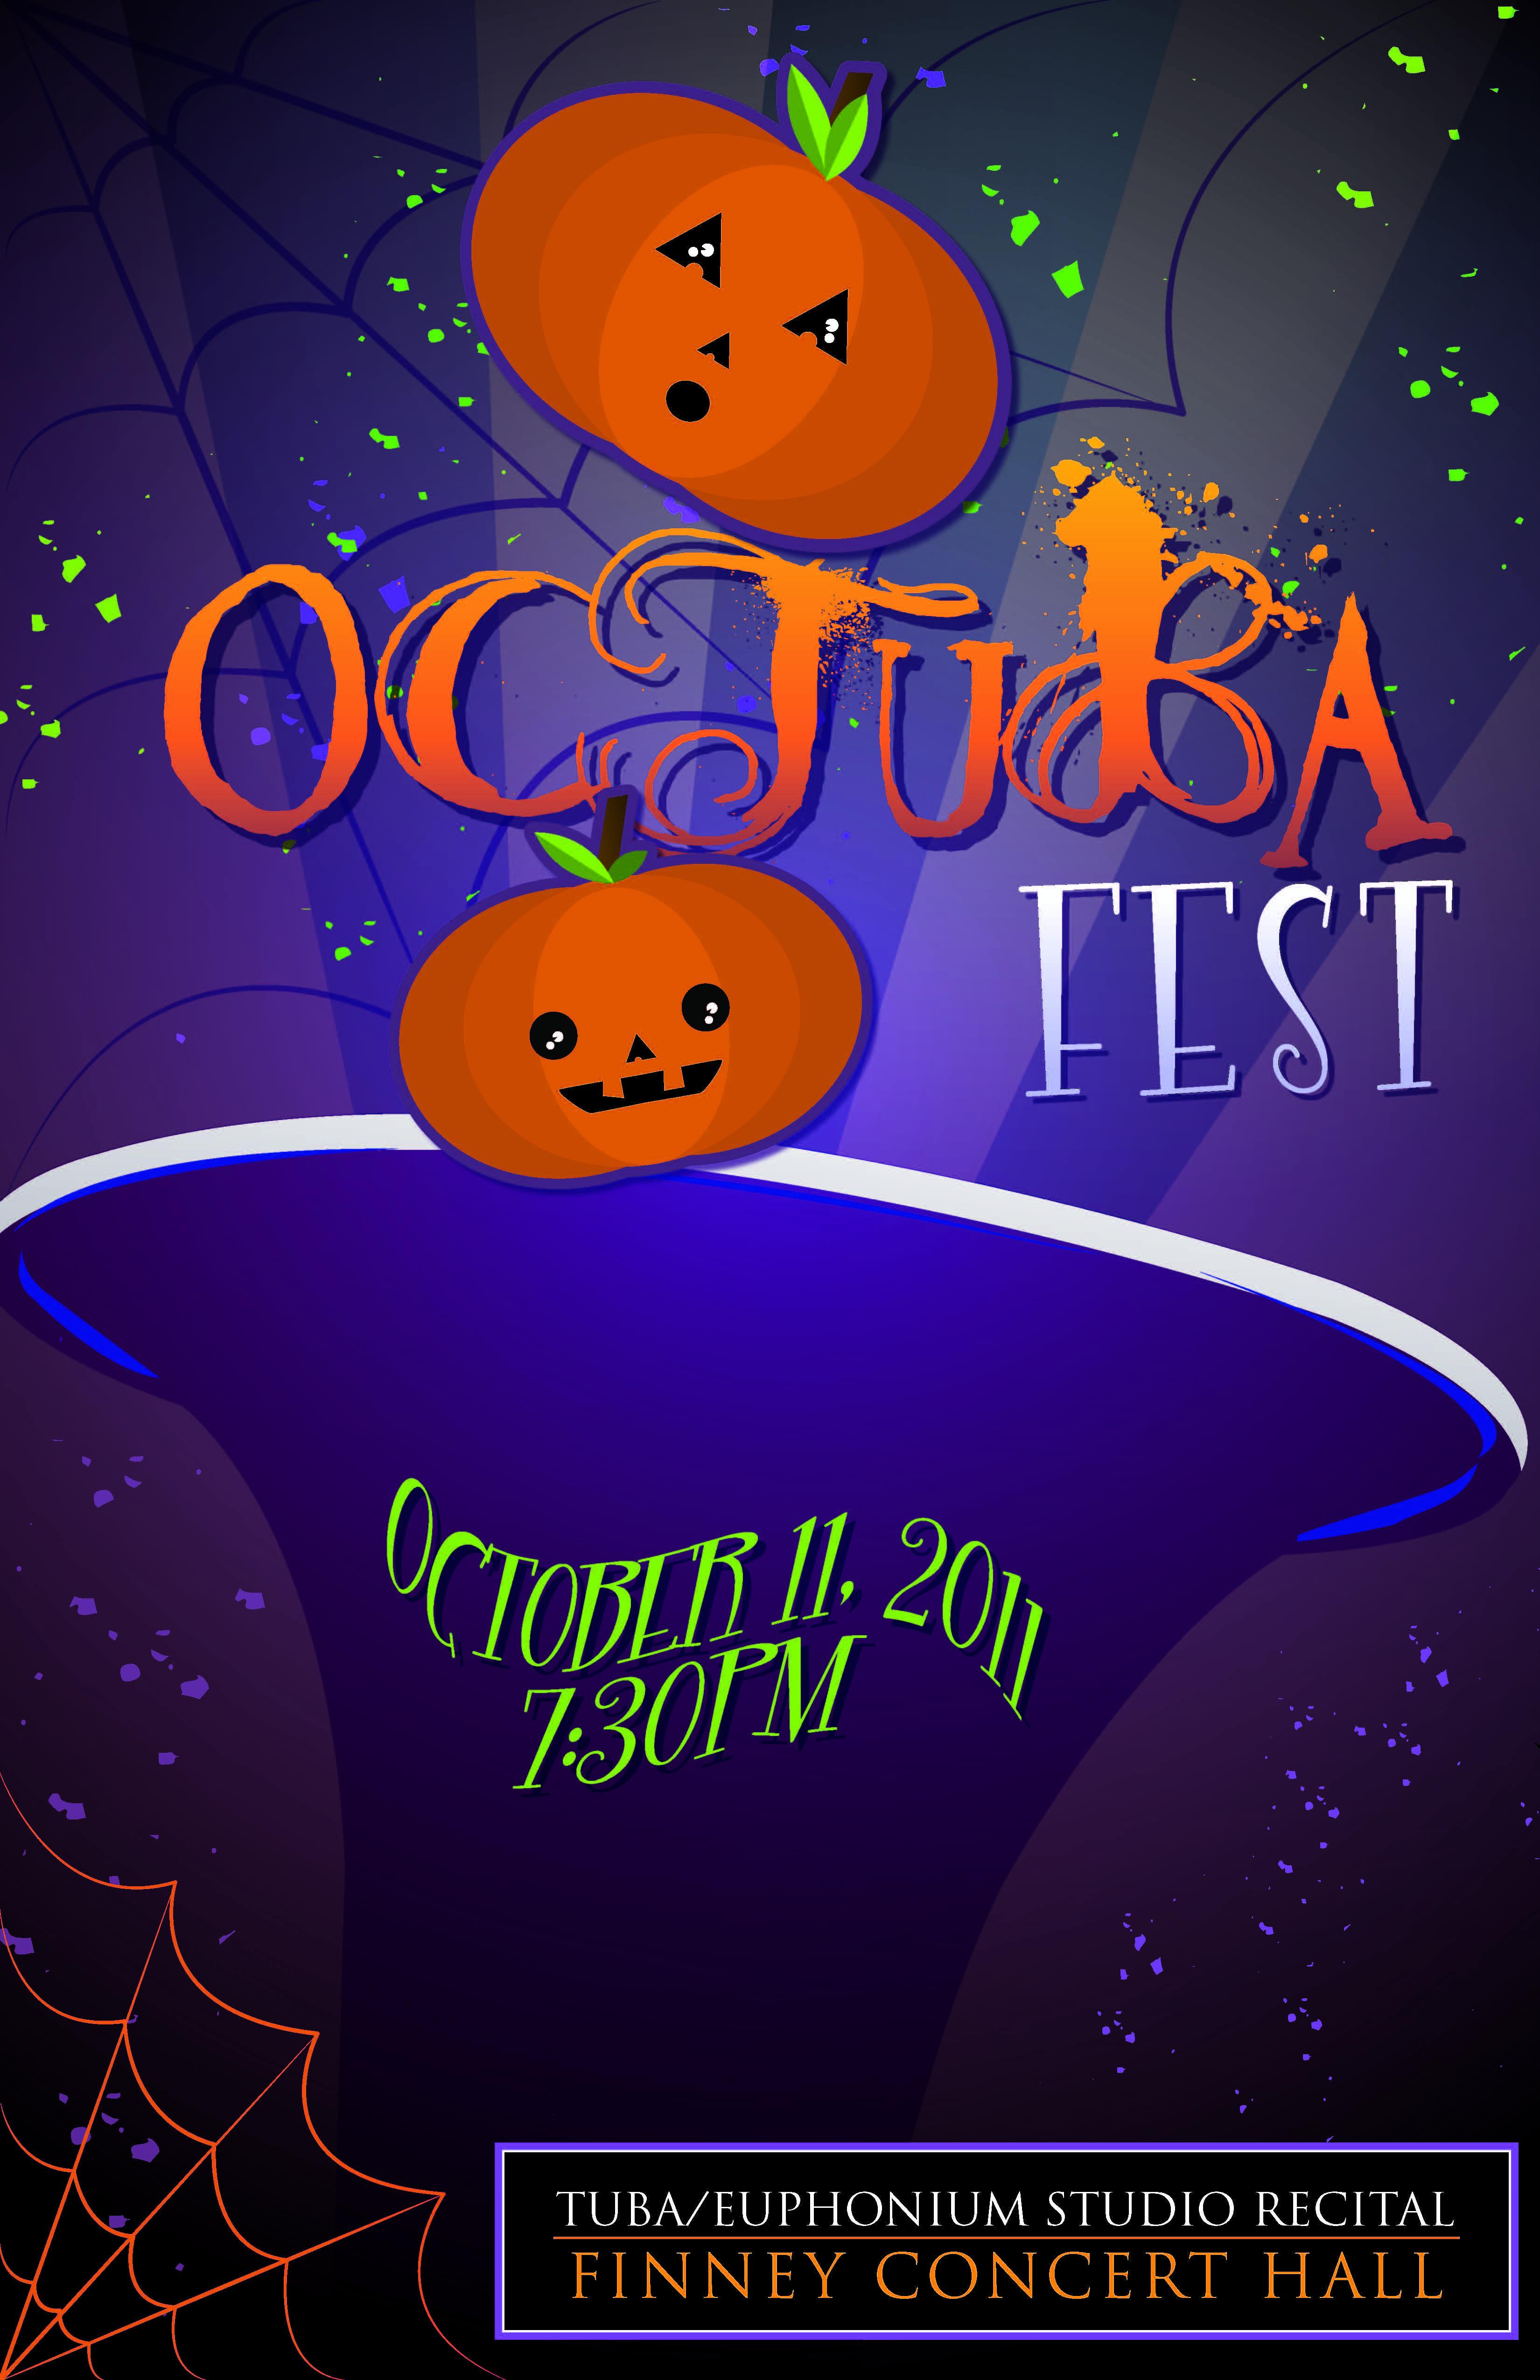 octubafest.jpg